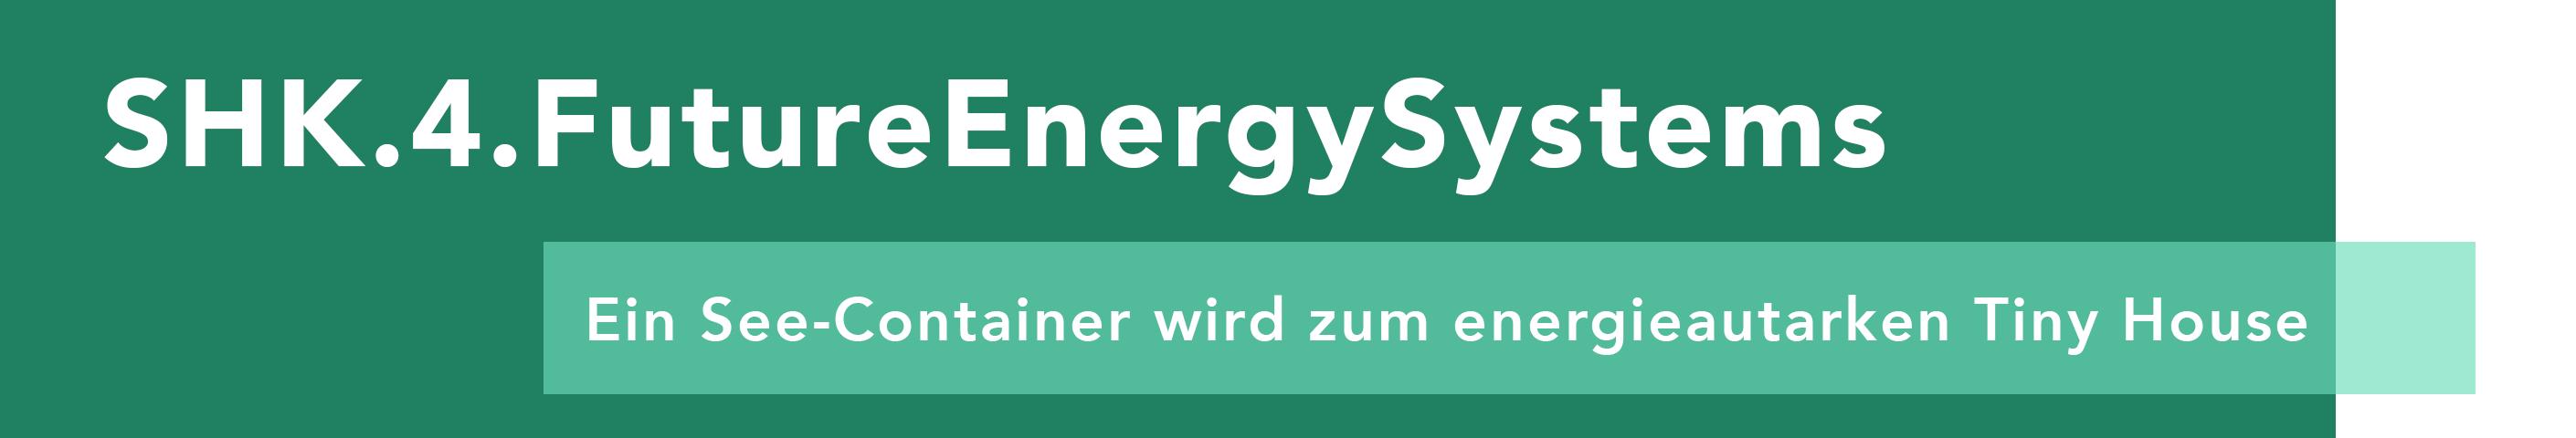 SHK.4.FutureEnergySystems Ein Seecontainer wird zum energieautarken Tiny-Haus, Regionales Innovationszentrum für Energietechnik Offenburg - RIZ EnergieRIZ Energie